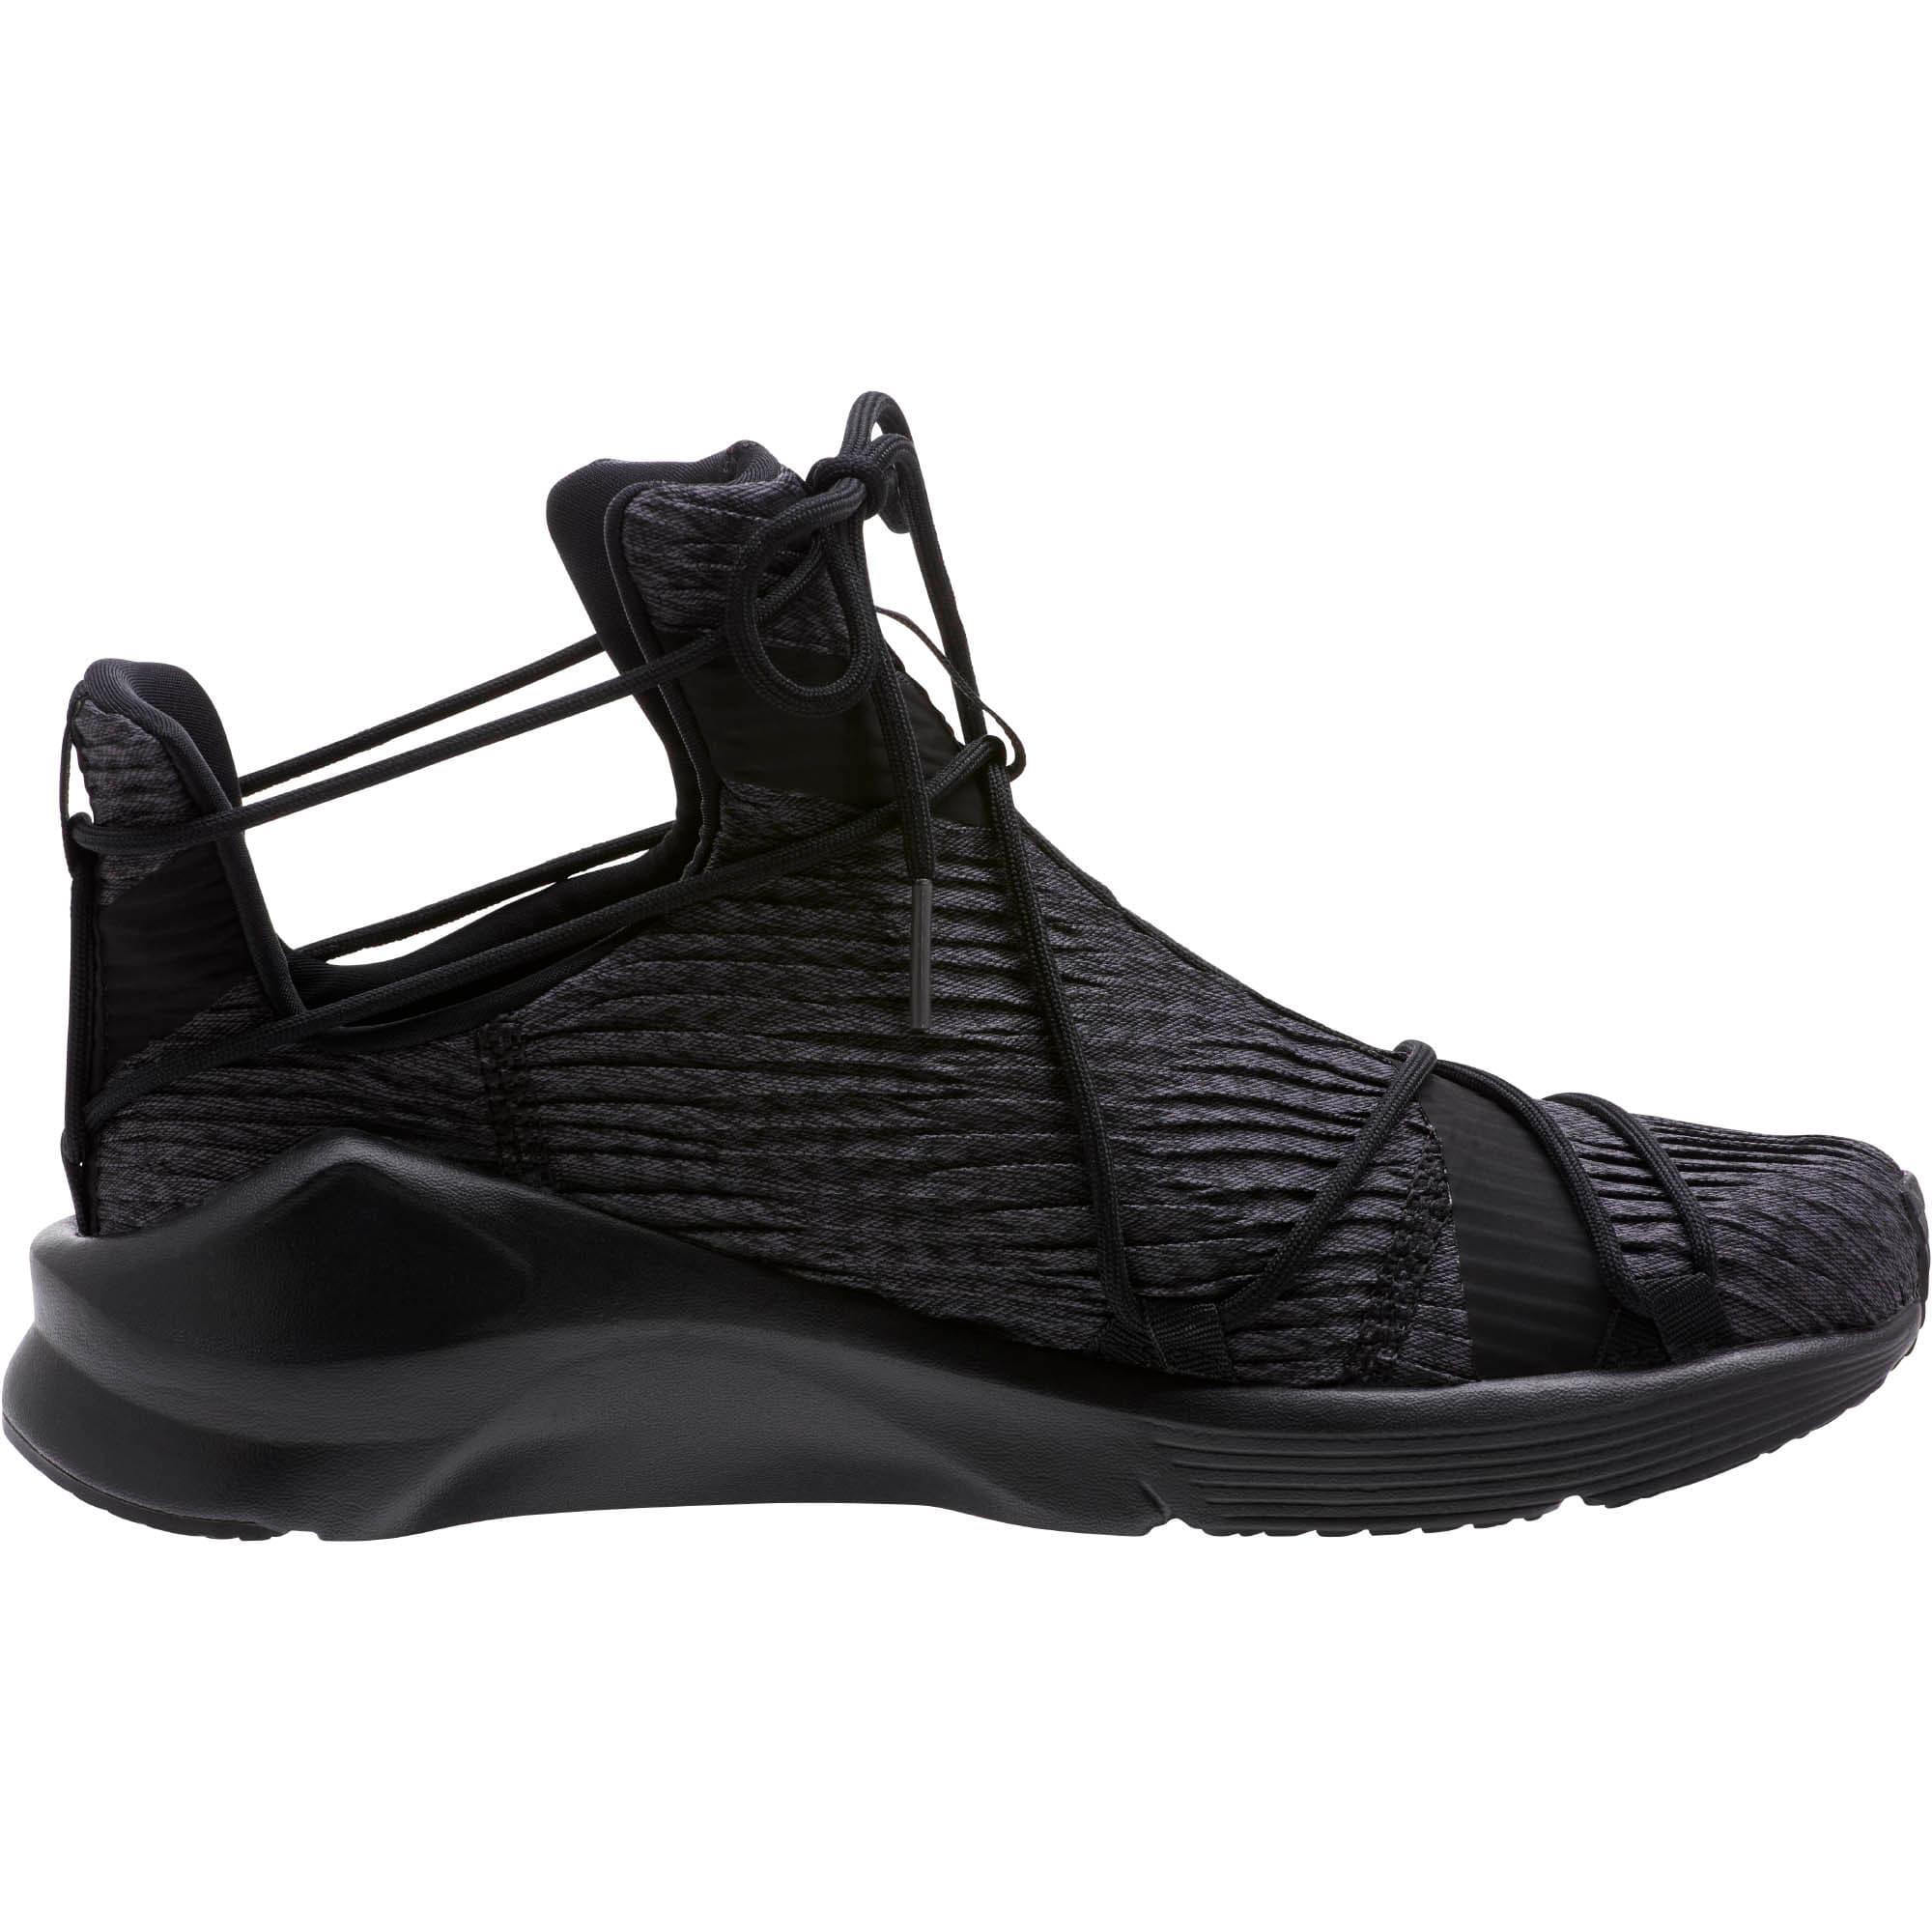 Thumbnail 3 of Fierce Rope Pleats Women's Sneakers, Puma Black-Puma Black, medium